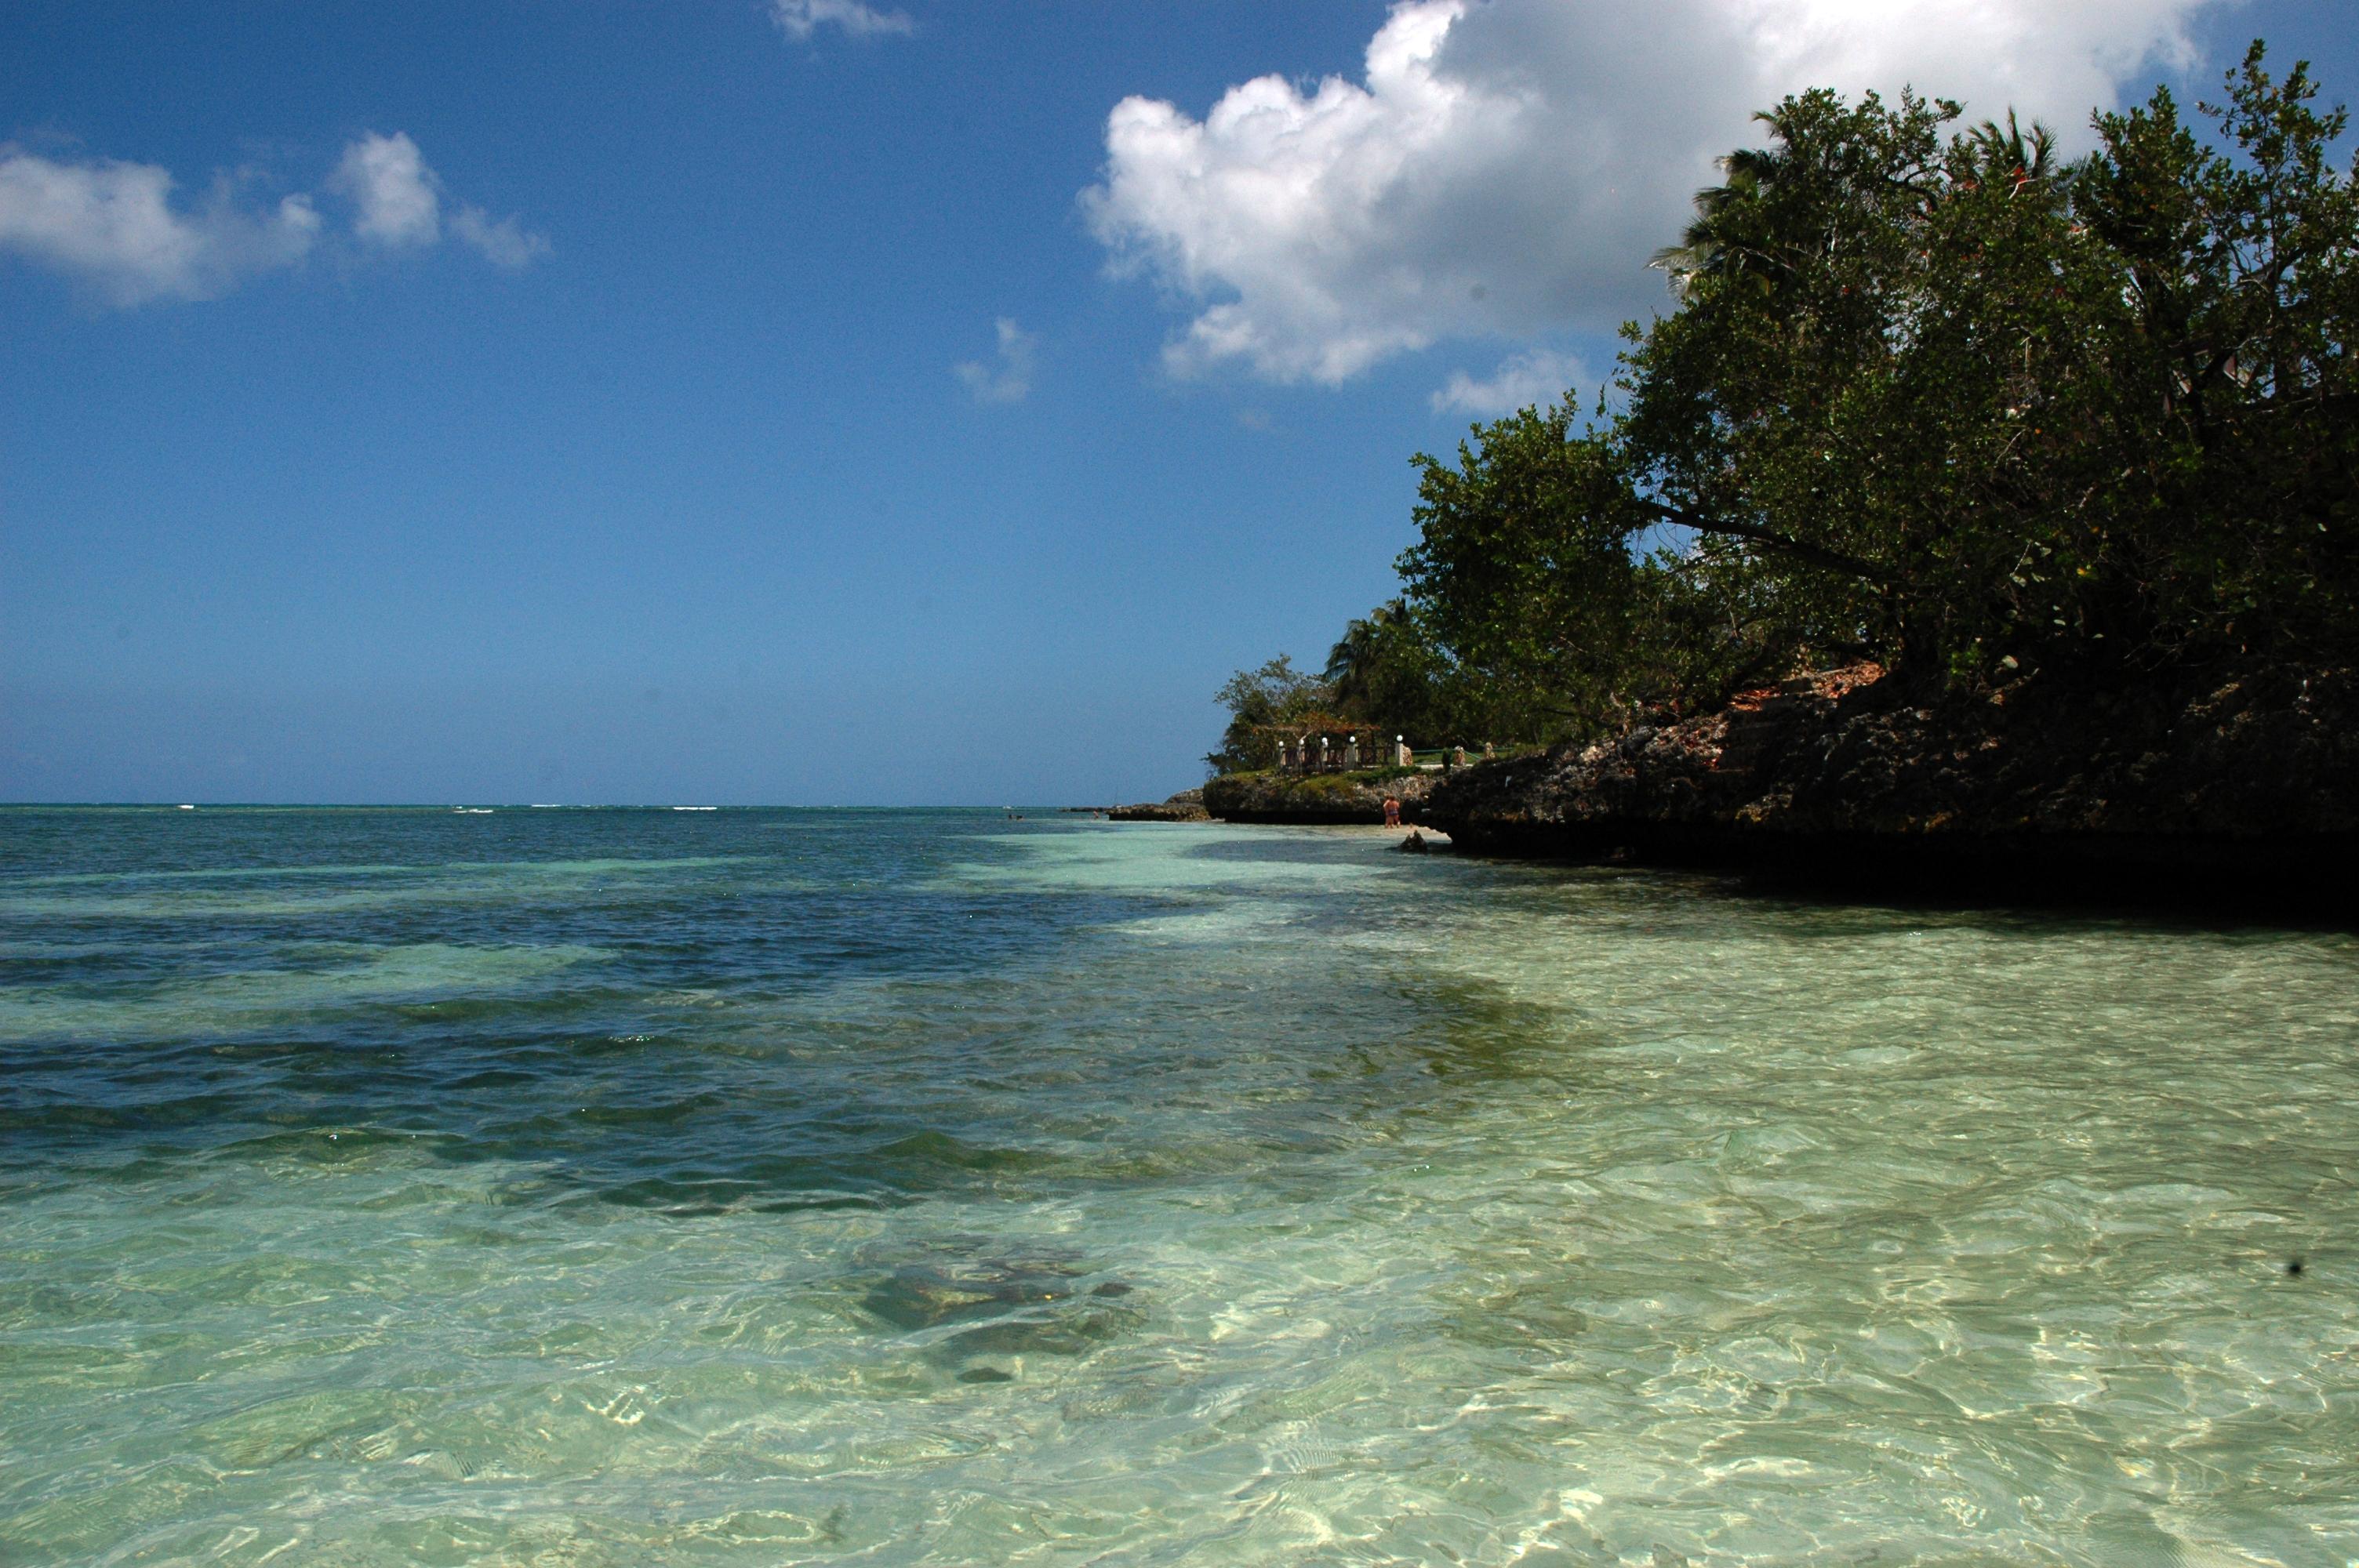 все фото морского побережья кубы знать только, как